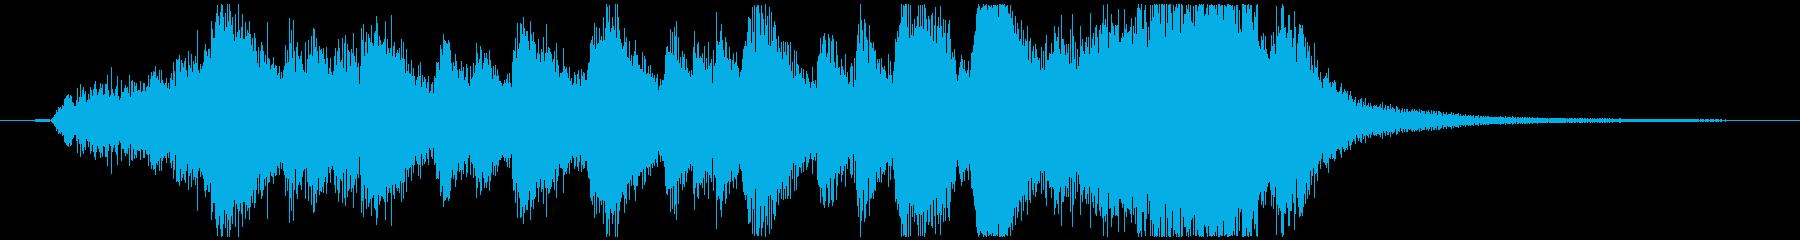 登場時に最適な豪華なファンファーレ!の再生済みの波形